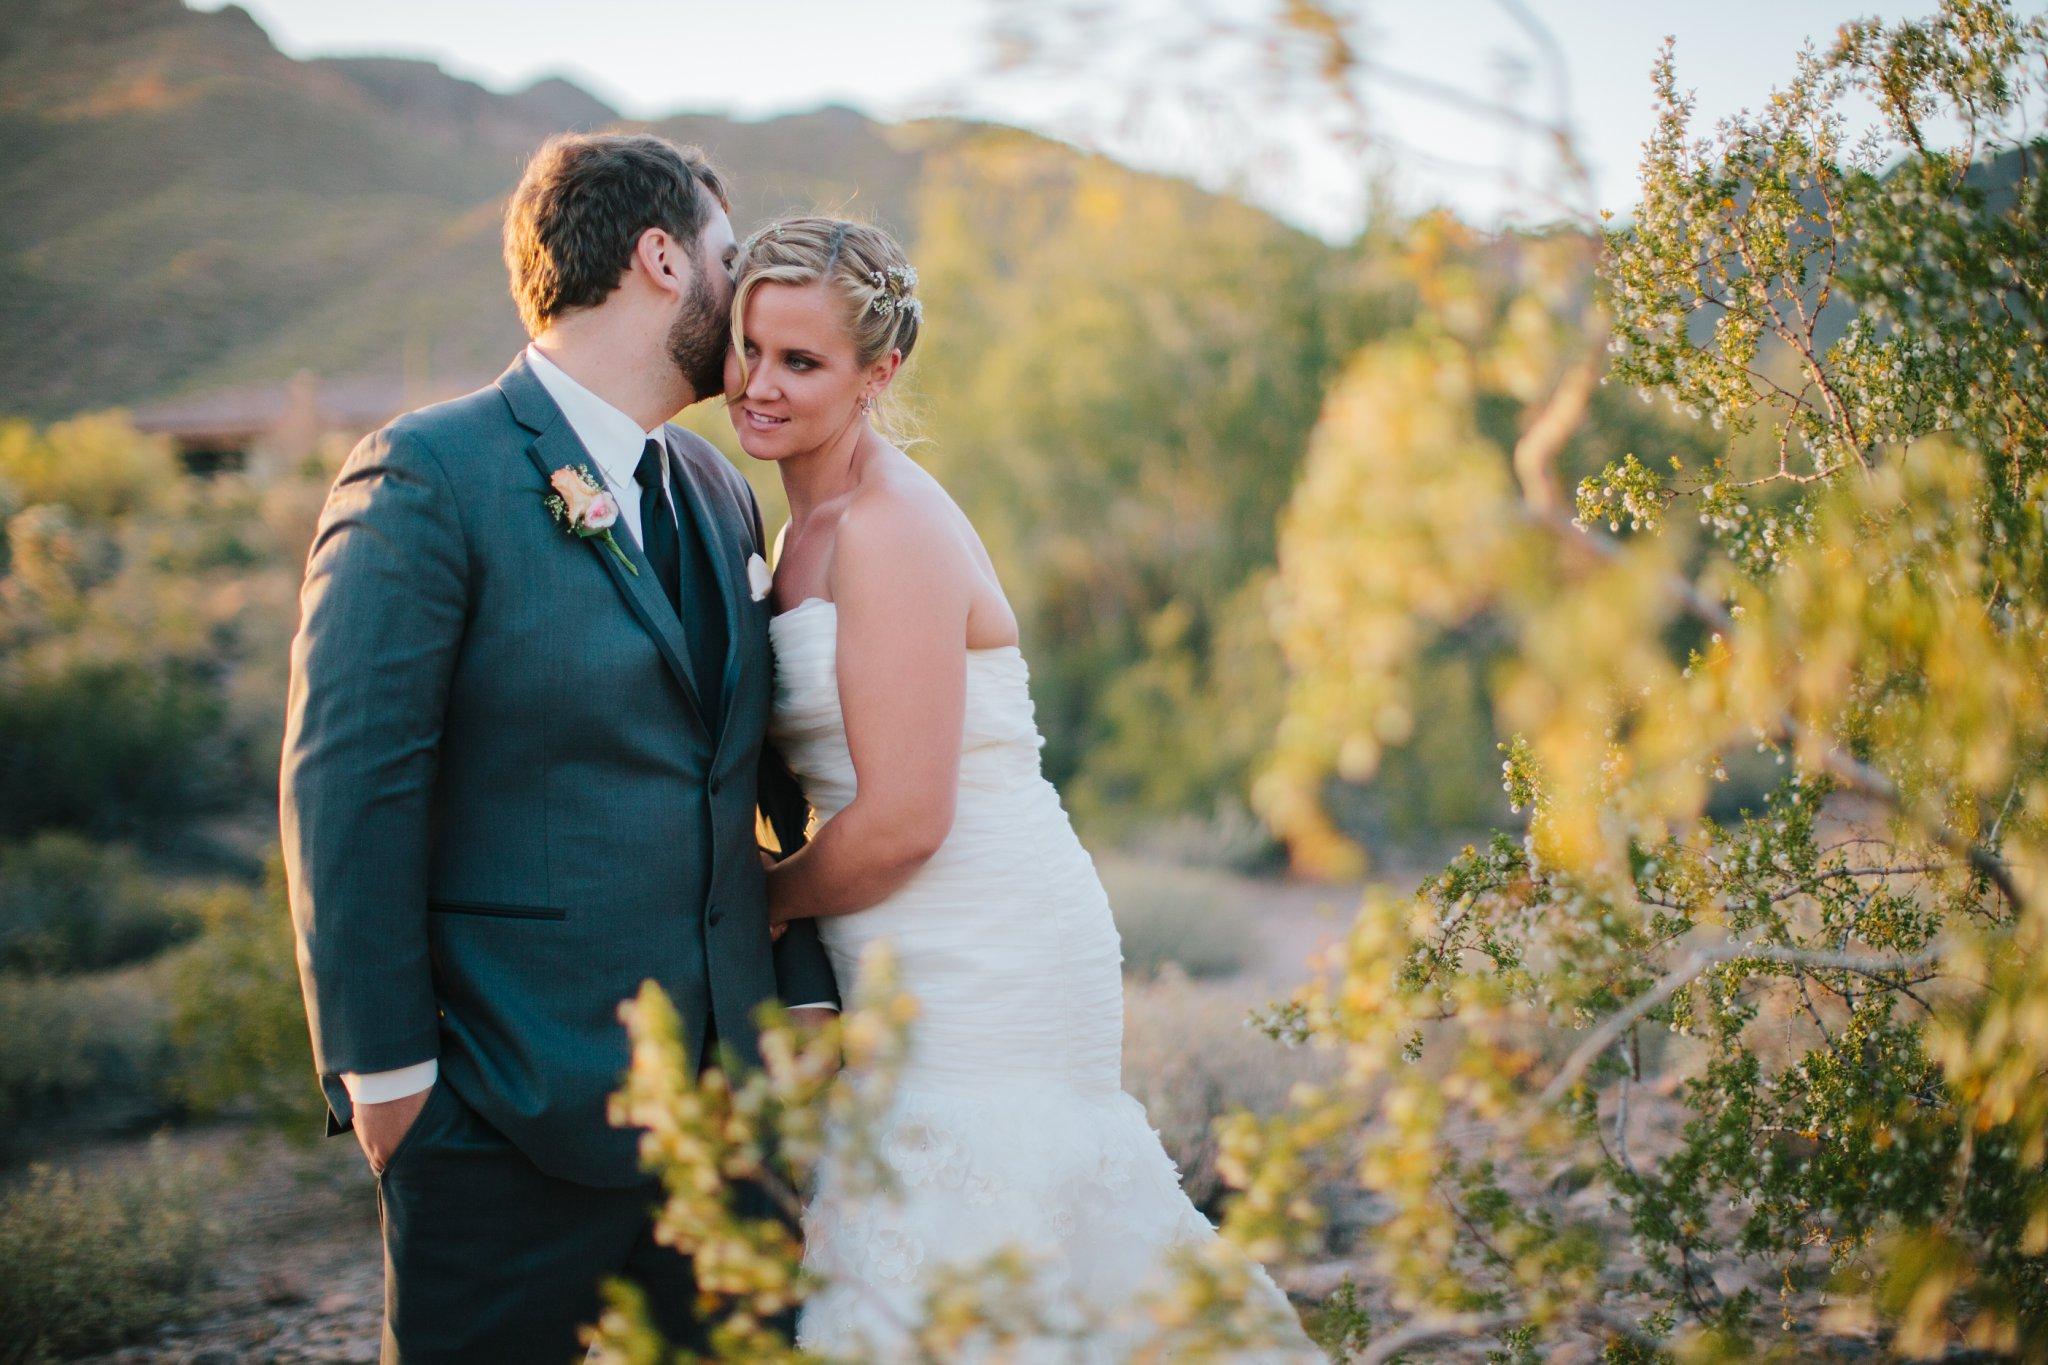 groom whispering in bride's ear in desert at sunset in AZ